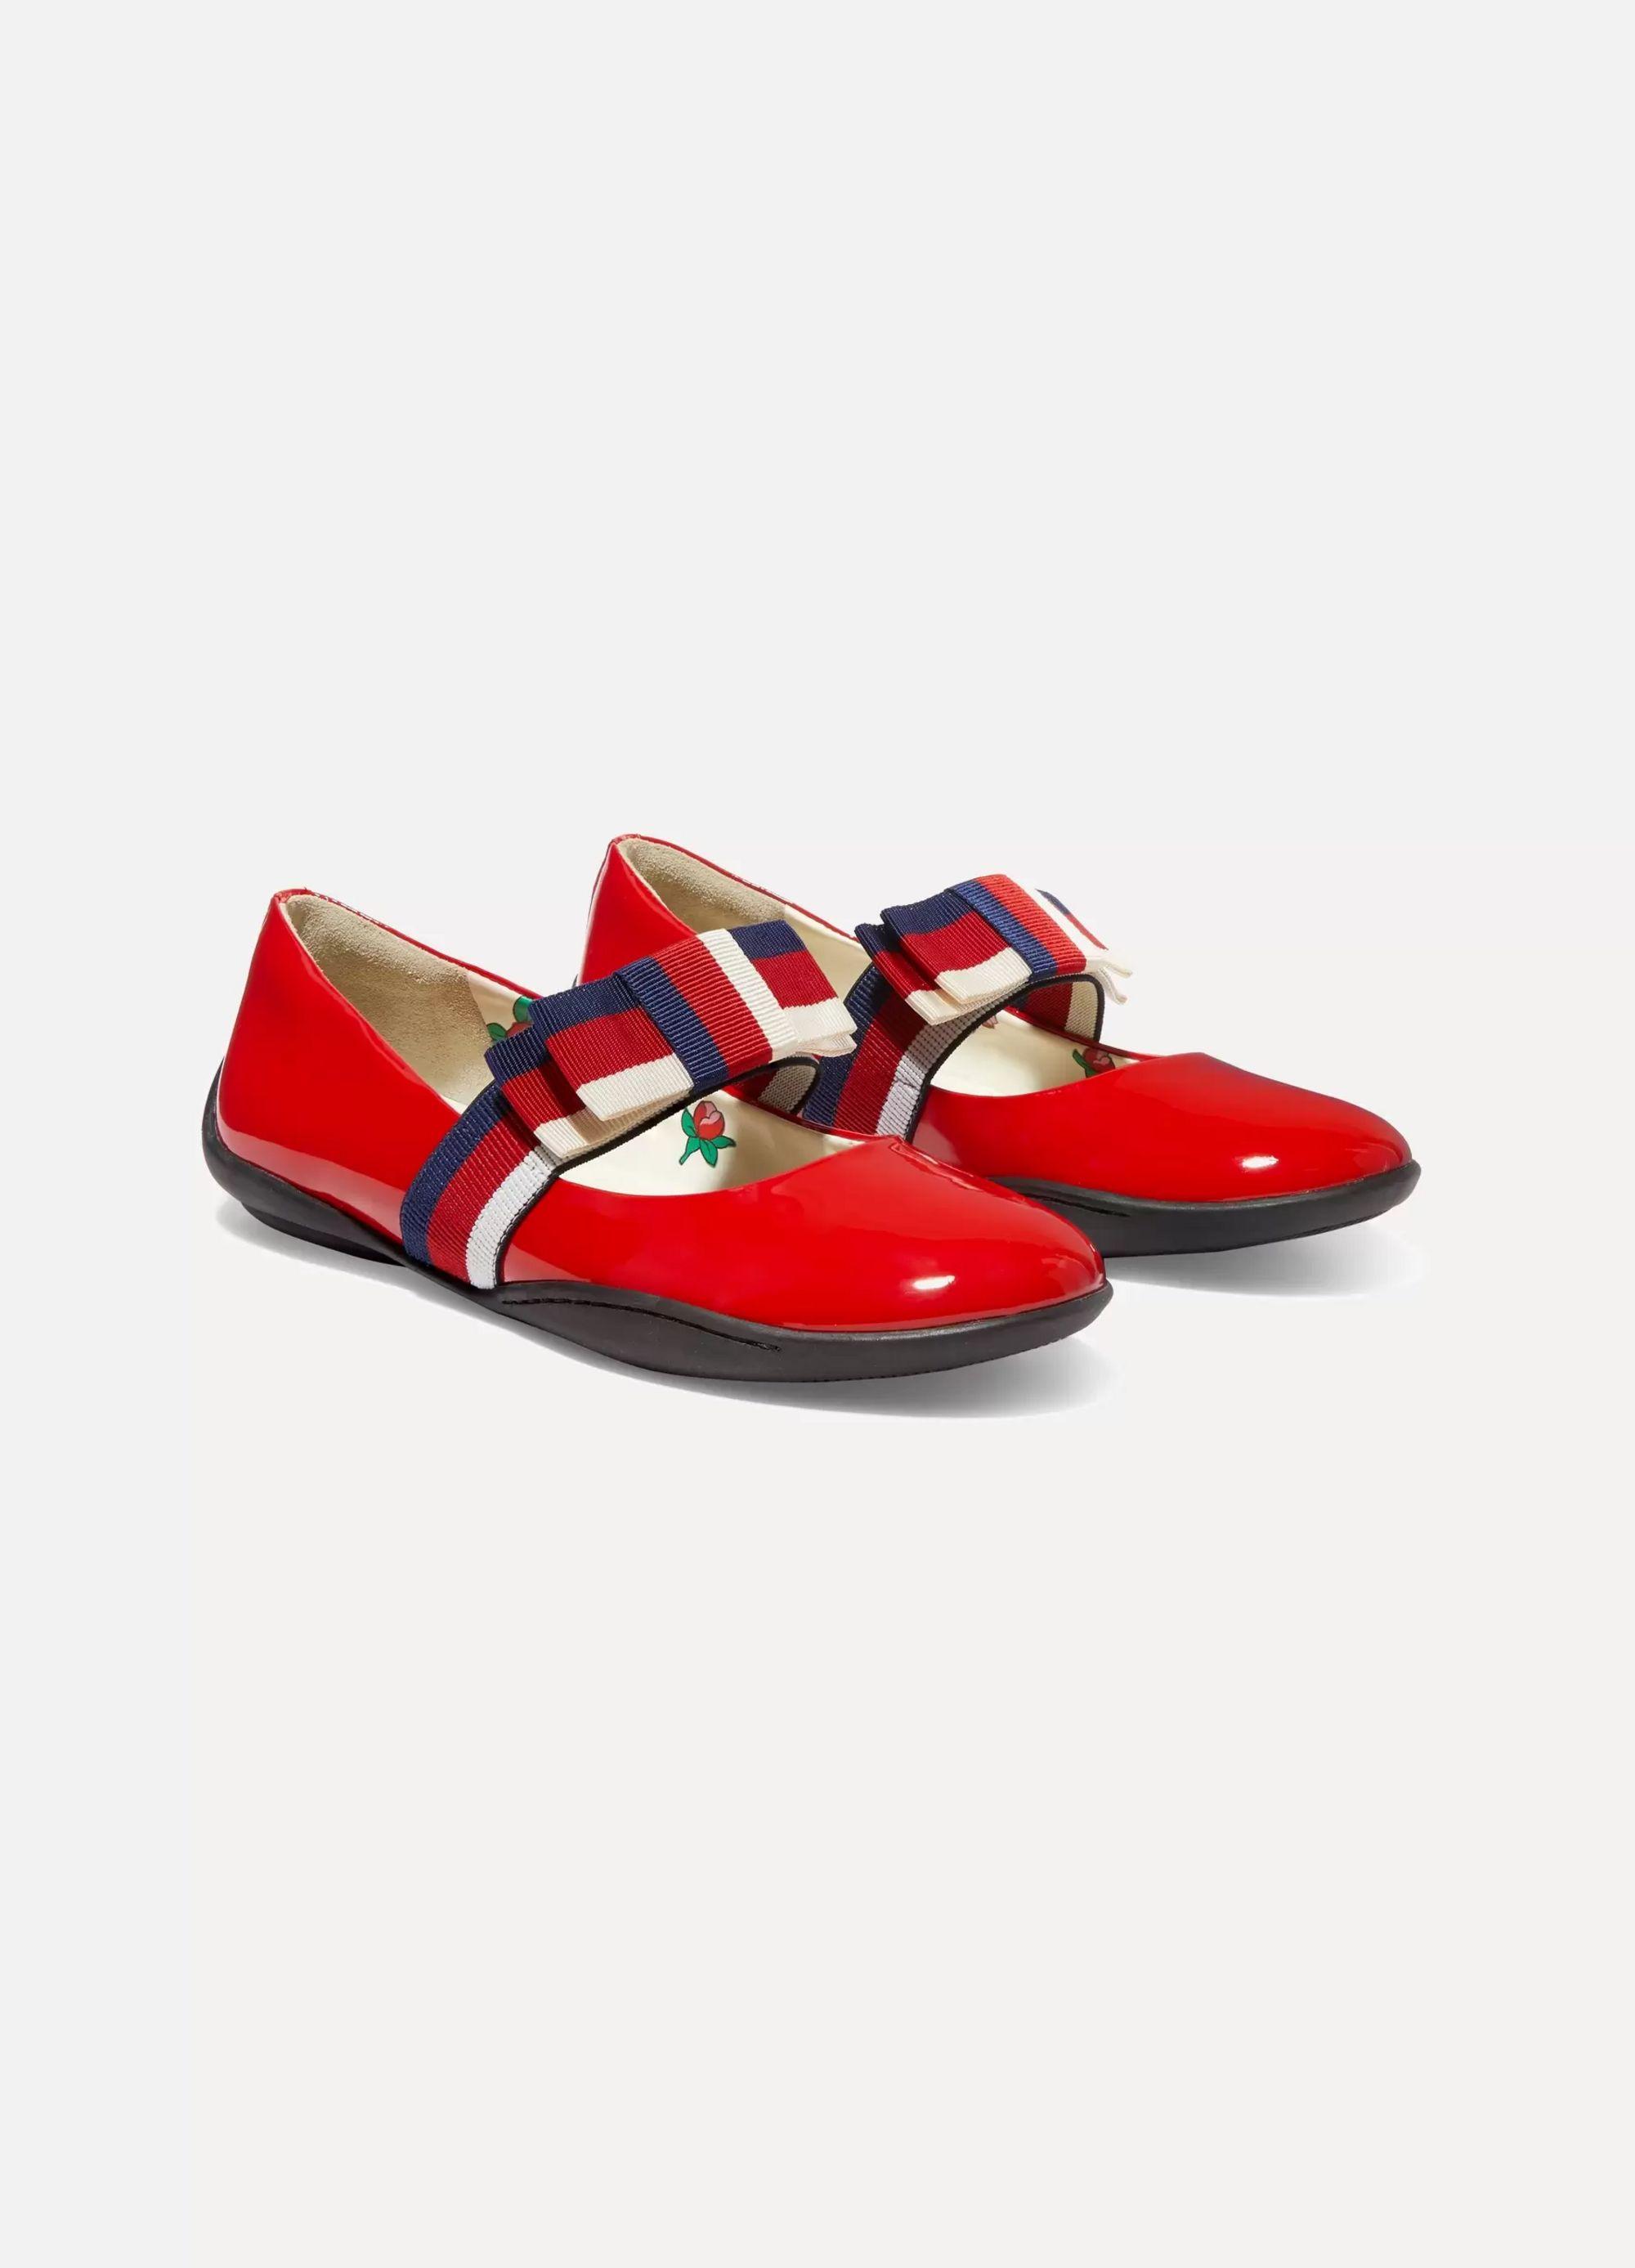 kids size 35 shoe